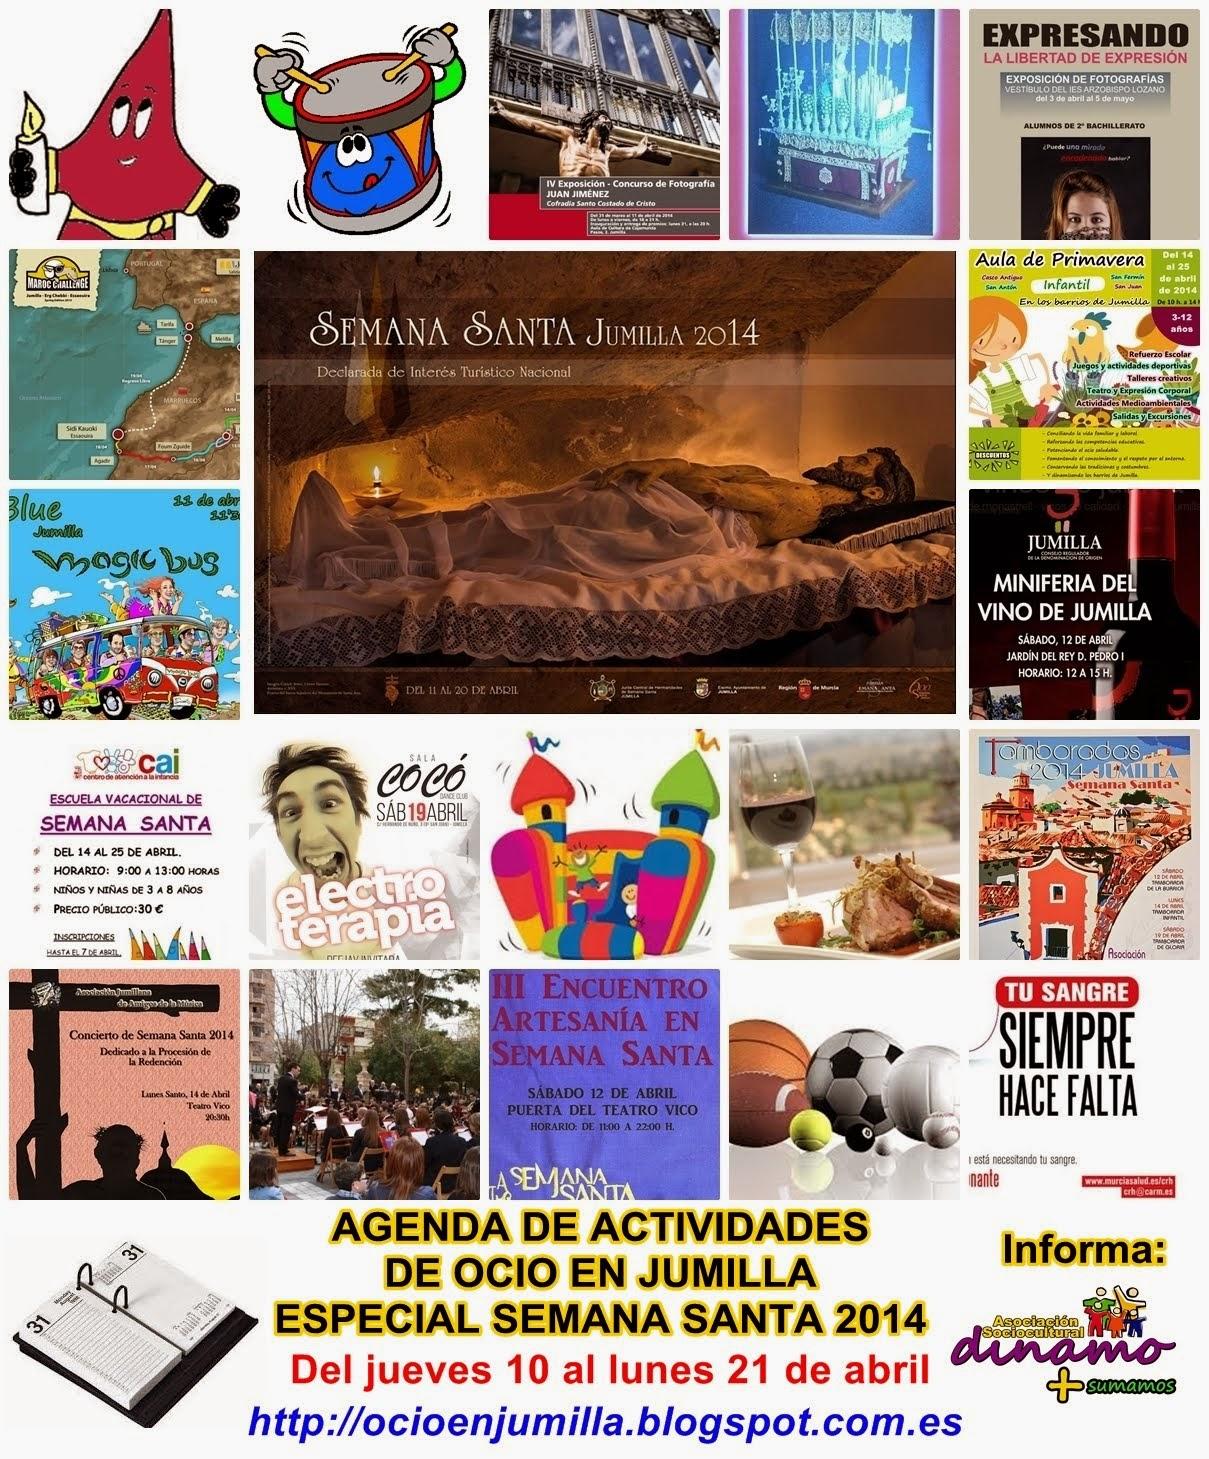 PROGRAMA DE ACTIVIDADES DURANTE LA SEMANA SANTA DE JUMILLA 2014